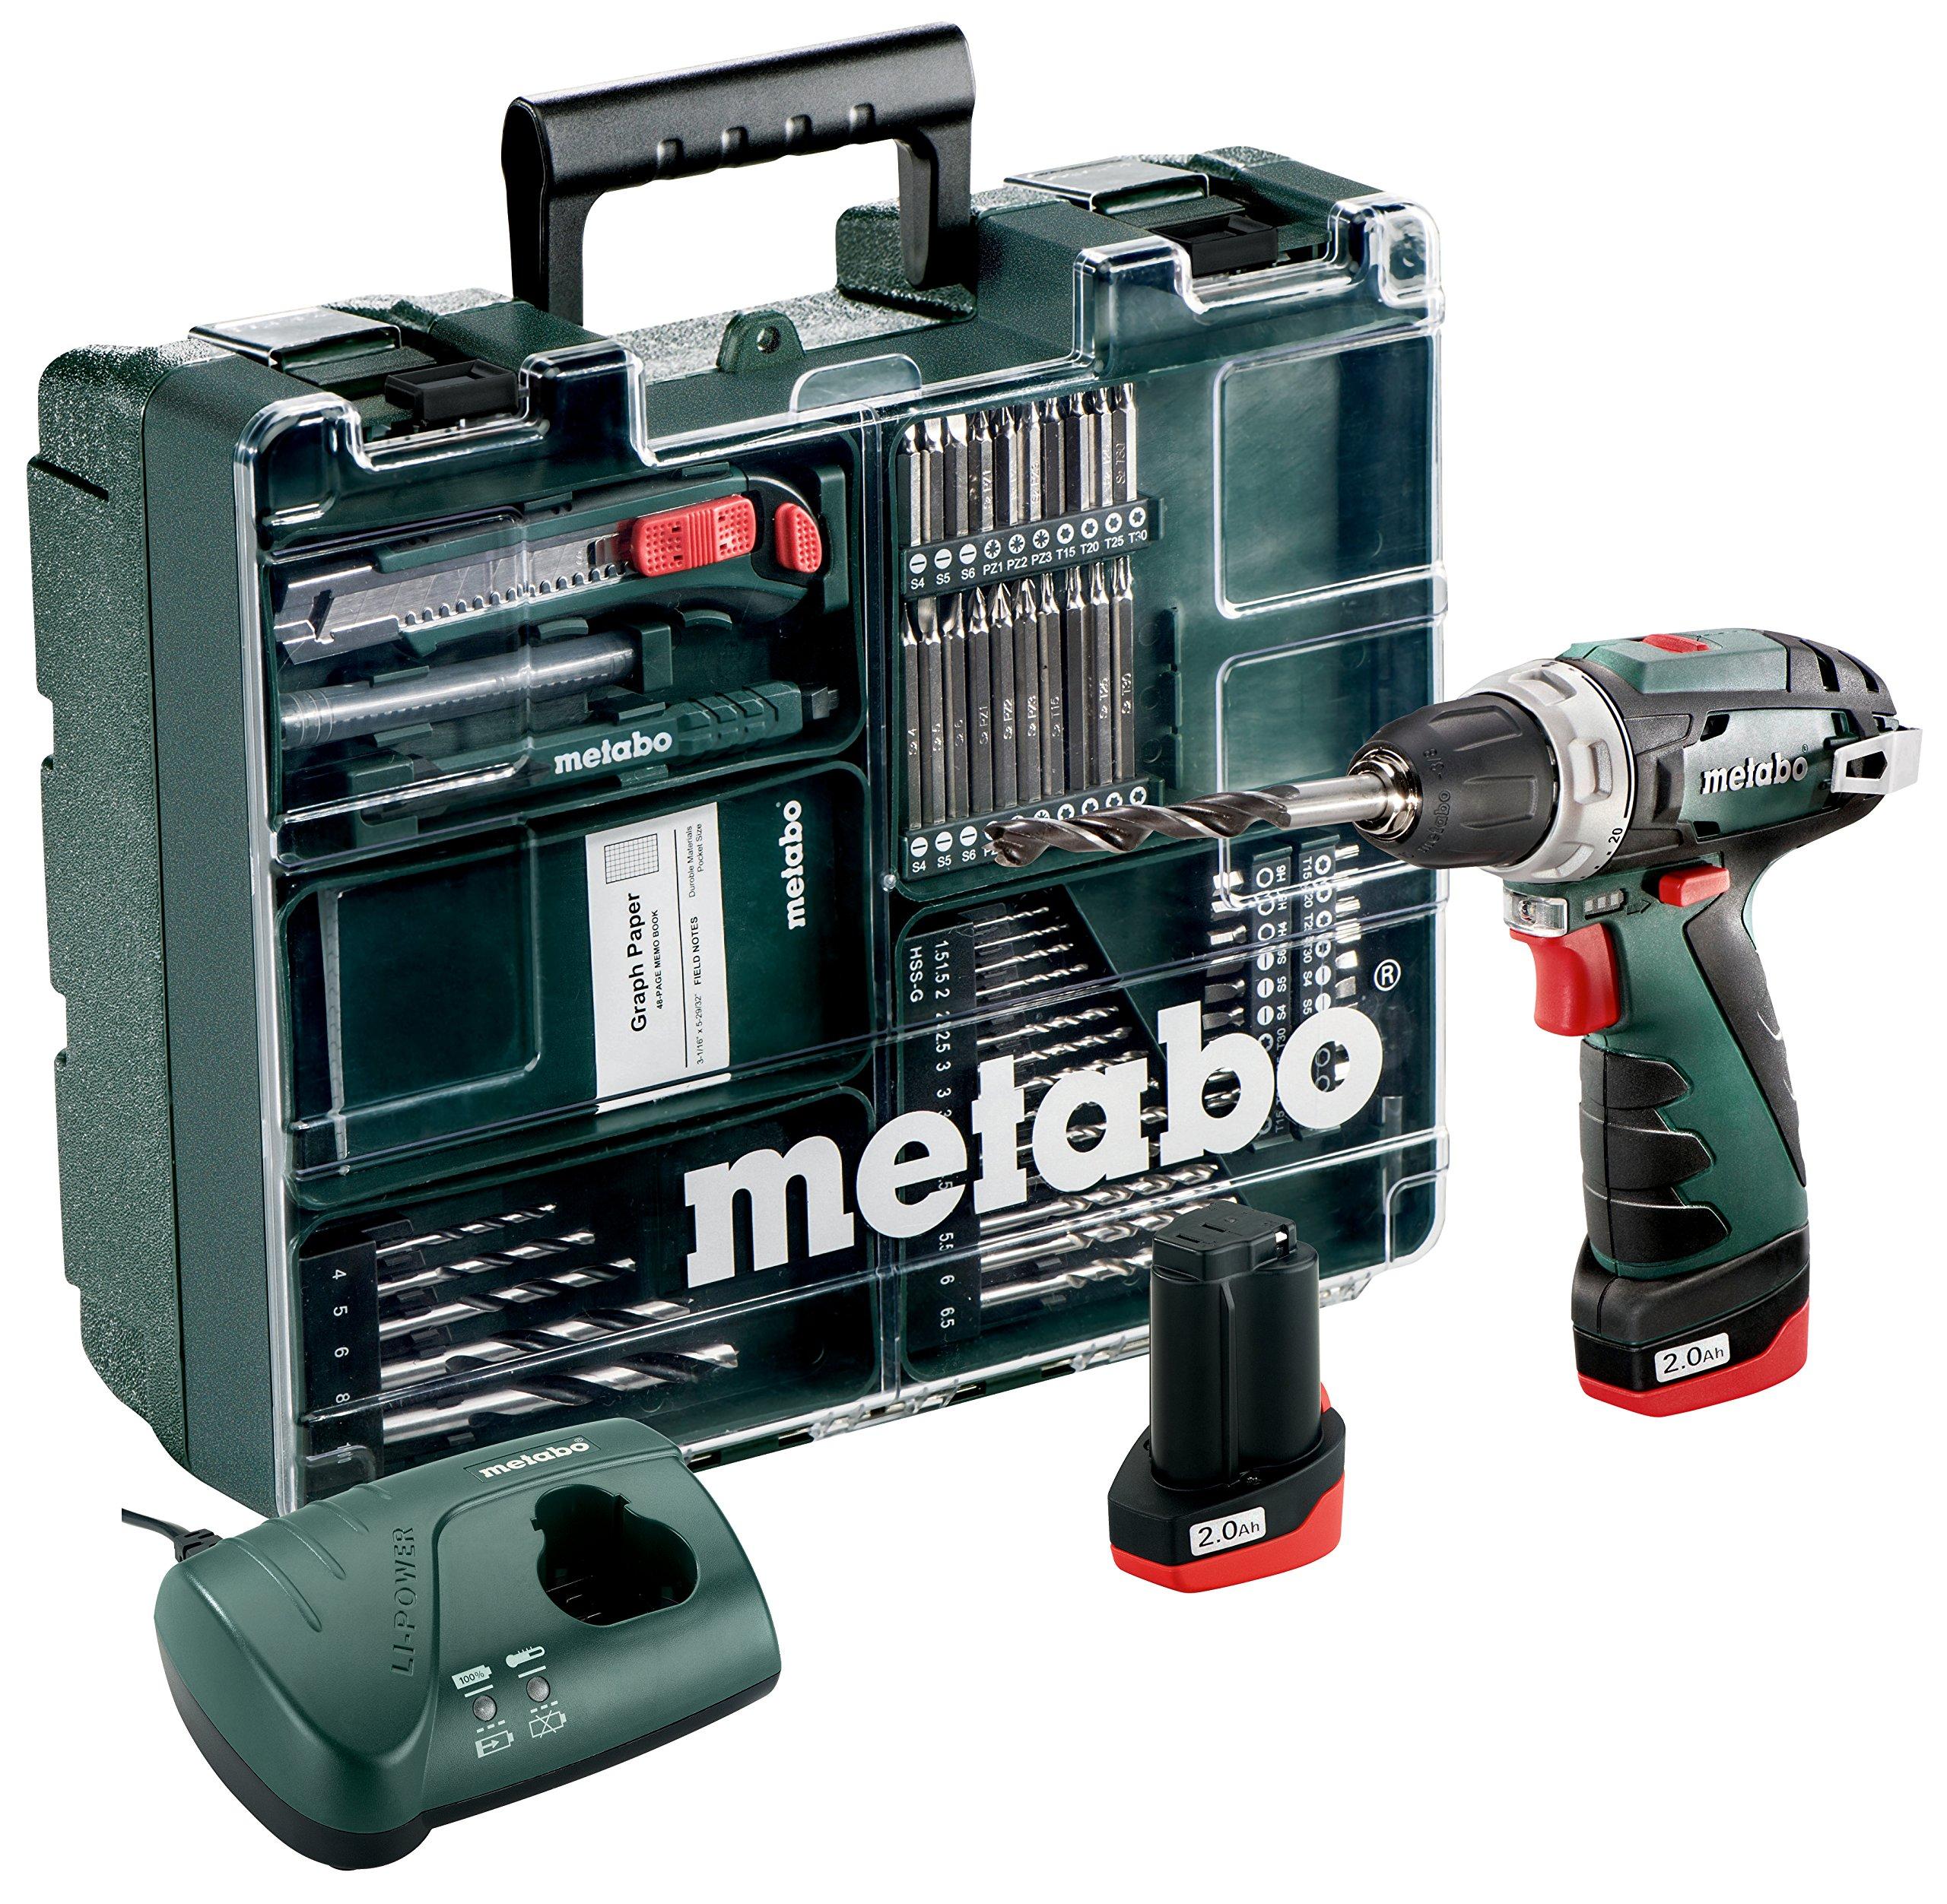 Metabo-600080880-108-Volt-Akku-Bohrschrauber-PowerMaxx-BS-Basic-Mobile-Werkstatt-64-teiliges-Zubehr-Set-108-V-grn-grau-schwarz-rot